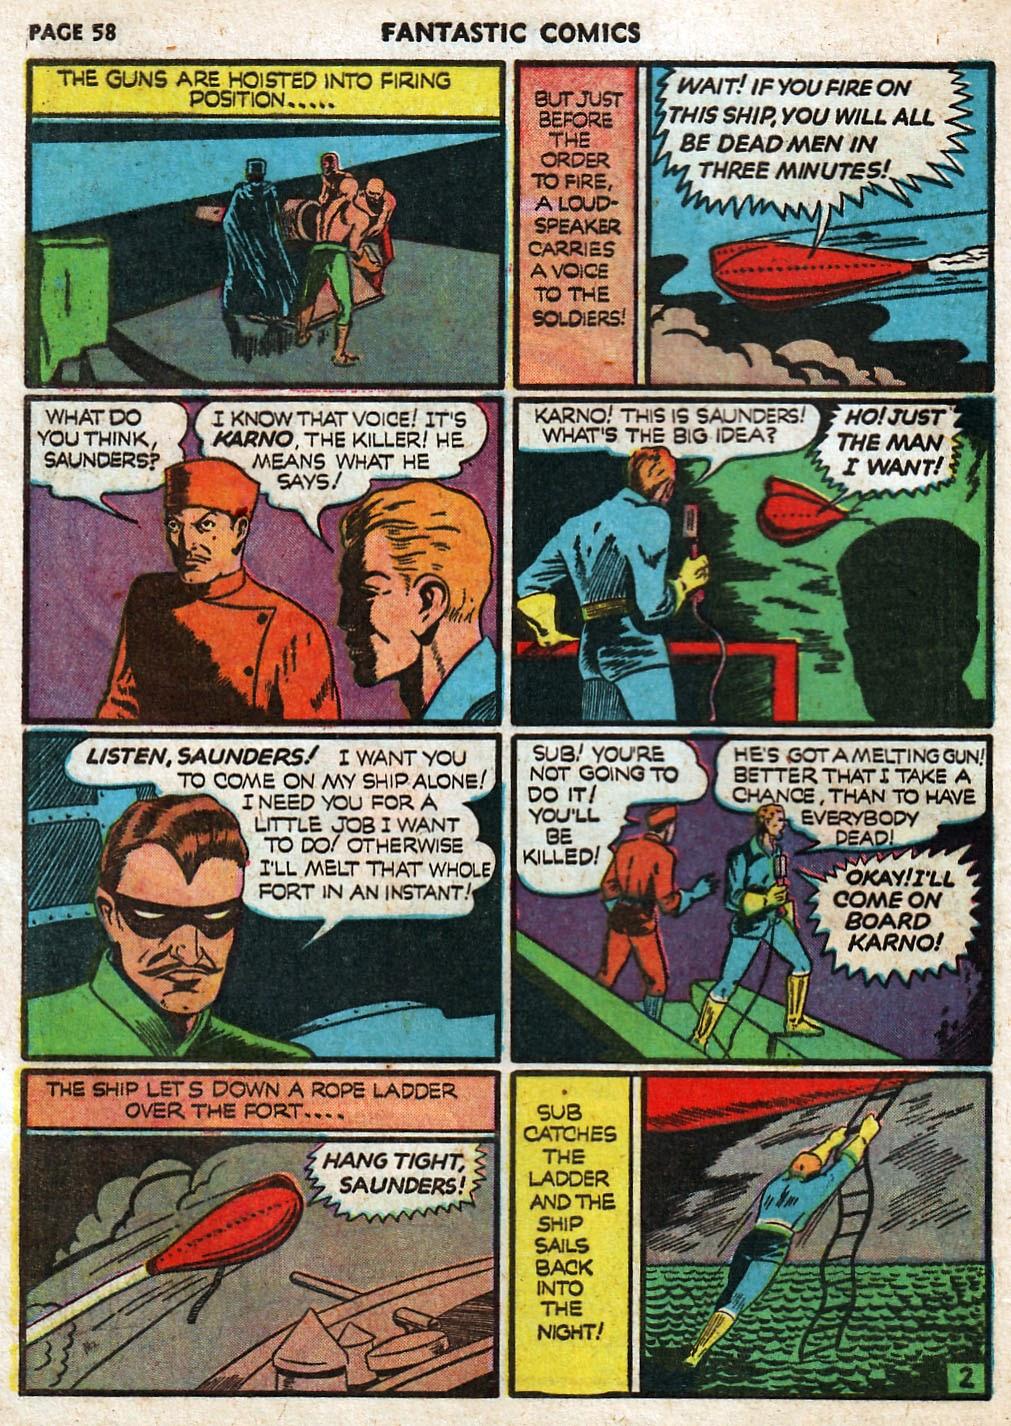 Read online Fantastic Comics comic -  Issue #17 - 59